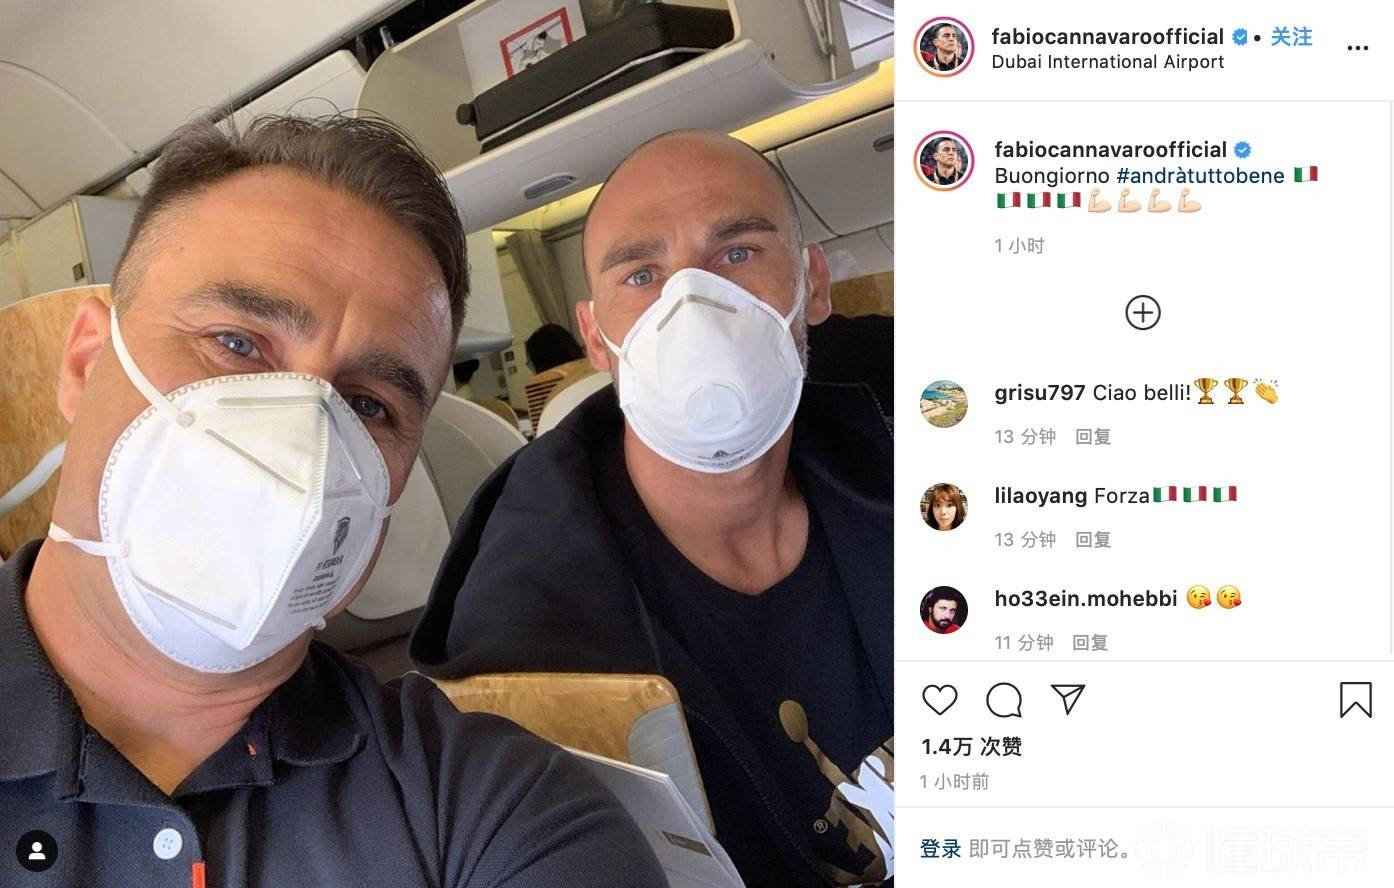 卡纳瓦罗携教练组从迪拜返回中国,发文为意大利加油